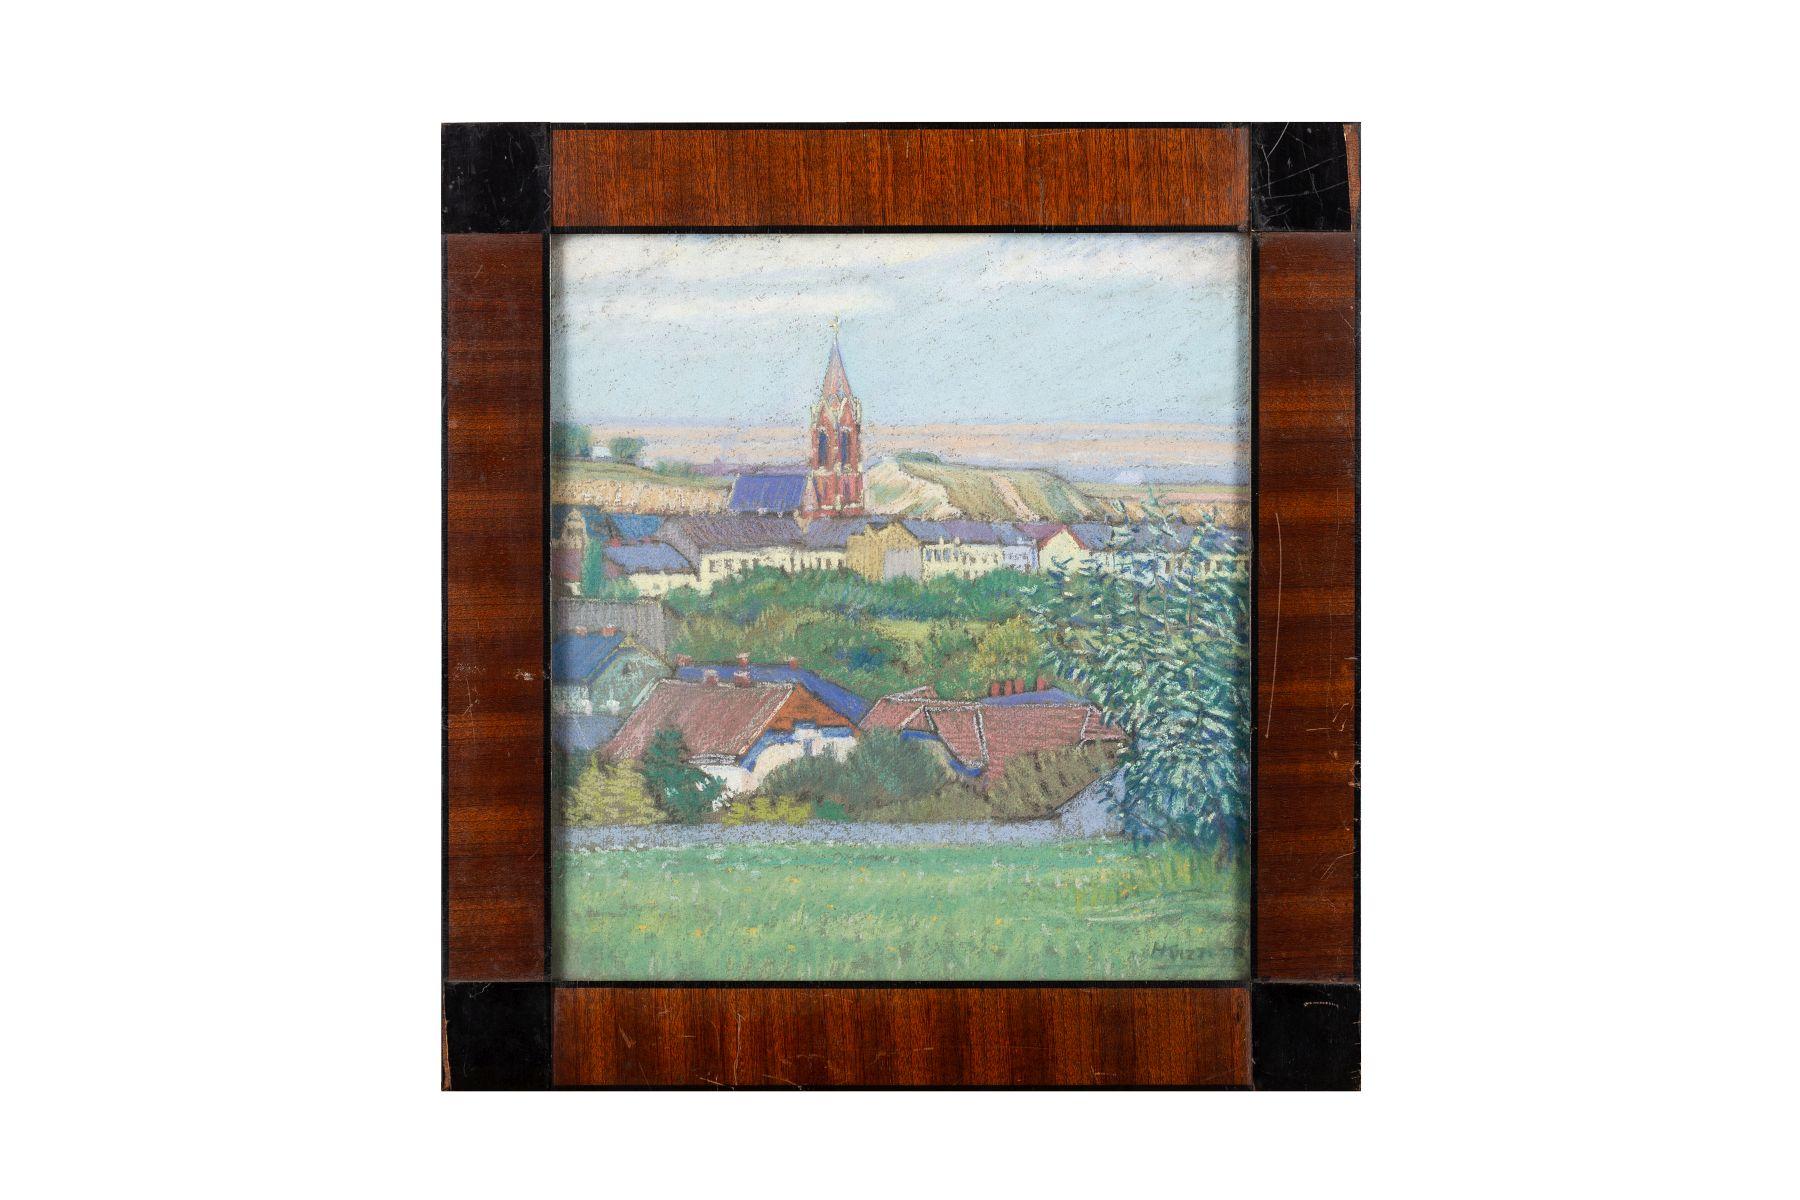 #103 View of the Döbling Church, Vienna Around 1900   Blick auf die Döblinger Kirche, Wien um 1900 Image